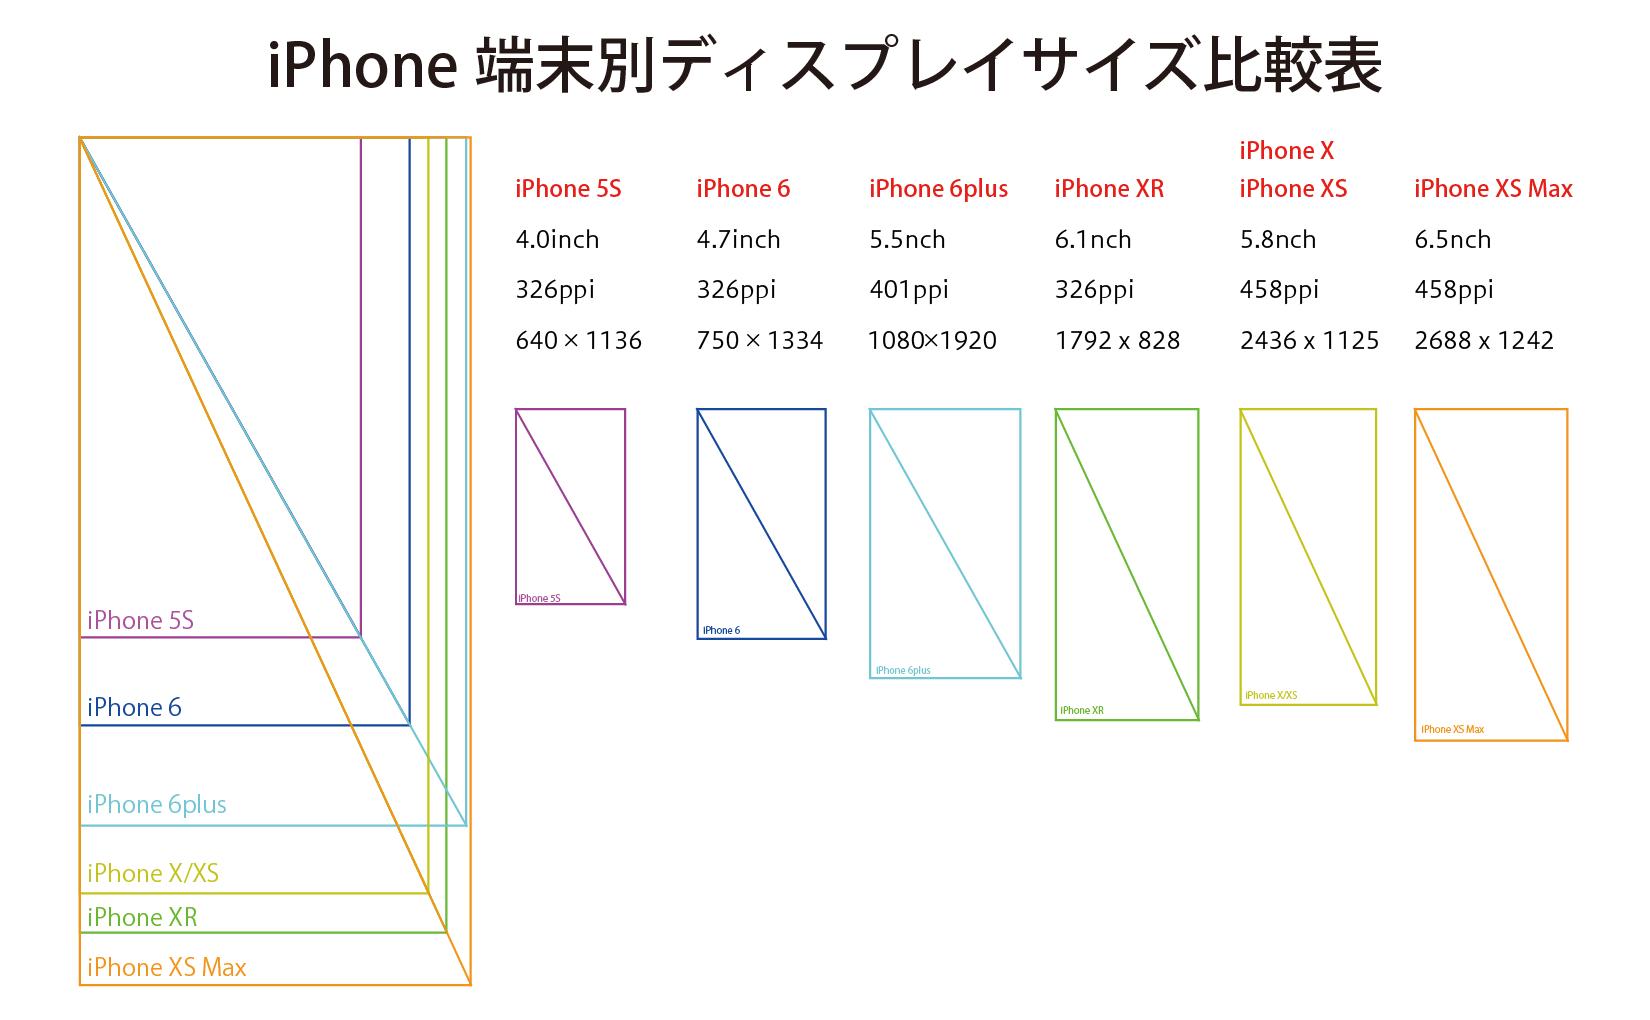 最新版 スマホ 画面サイズ 壁紙サイズ 19 仕様 最大画面比較 デジマースブログ Iphone サイズ 倹約 ガラホ